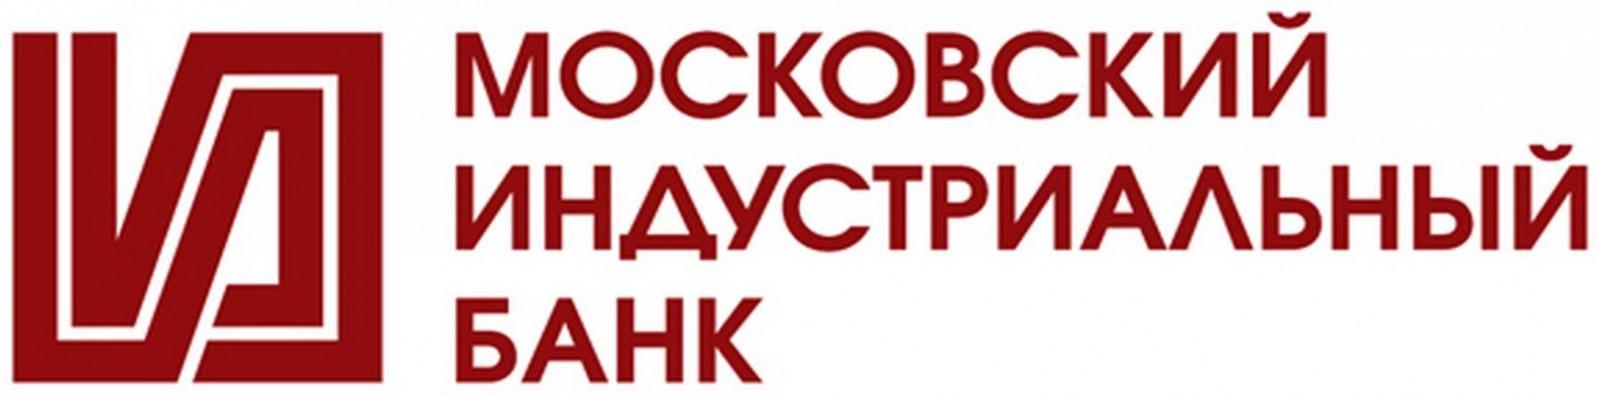 Банк МосковскийИндустриальныйБанк